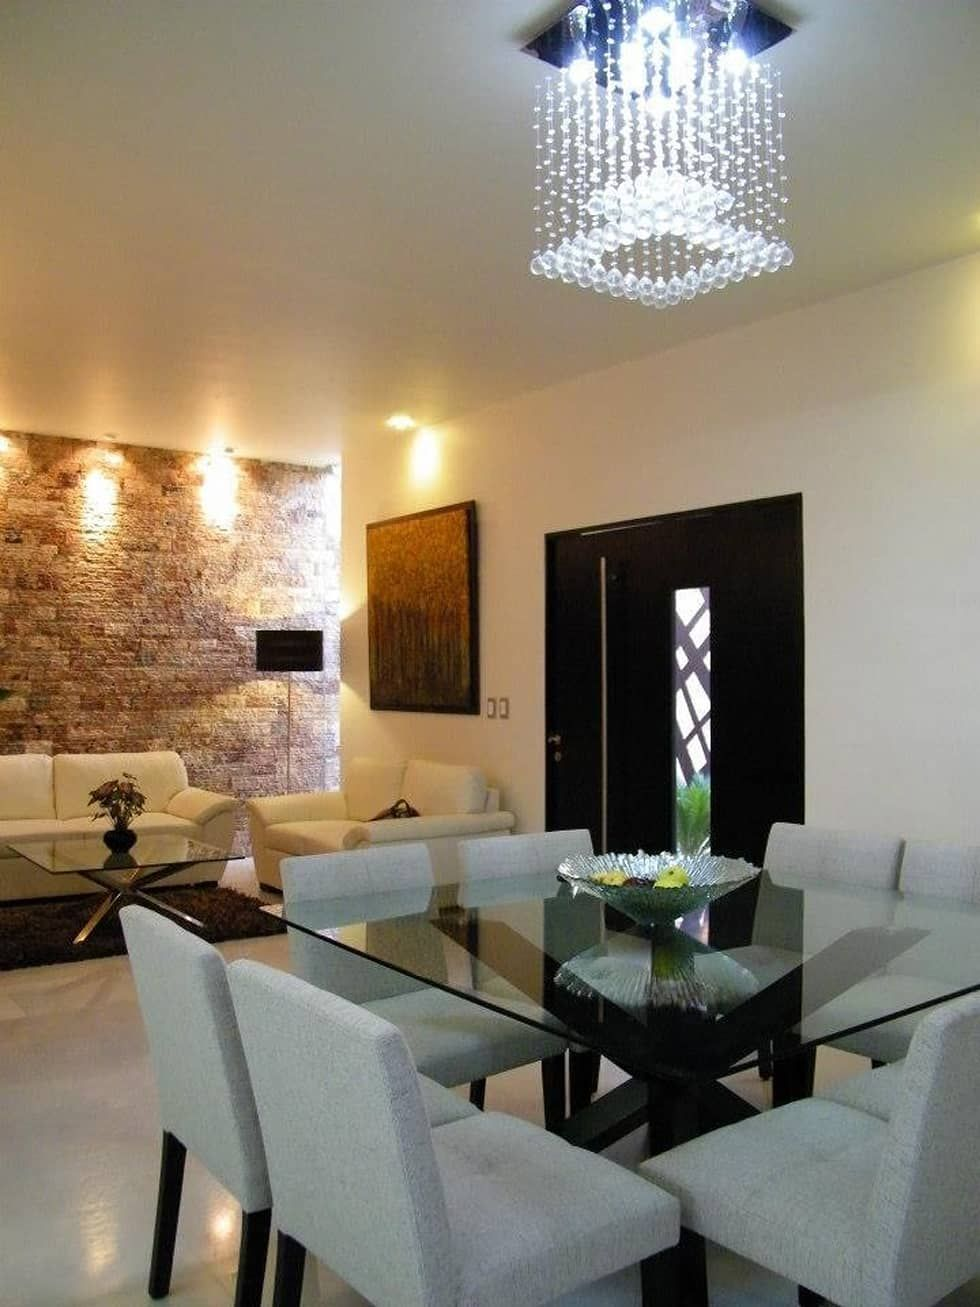 Casa cr180 comedores de estilo moderno por arquitectos interiores home comedores - Candelabros modernos ...